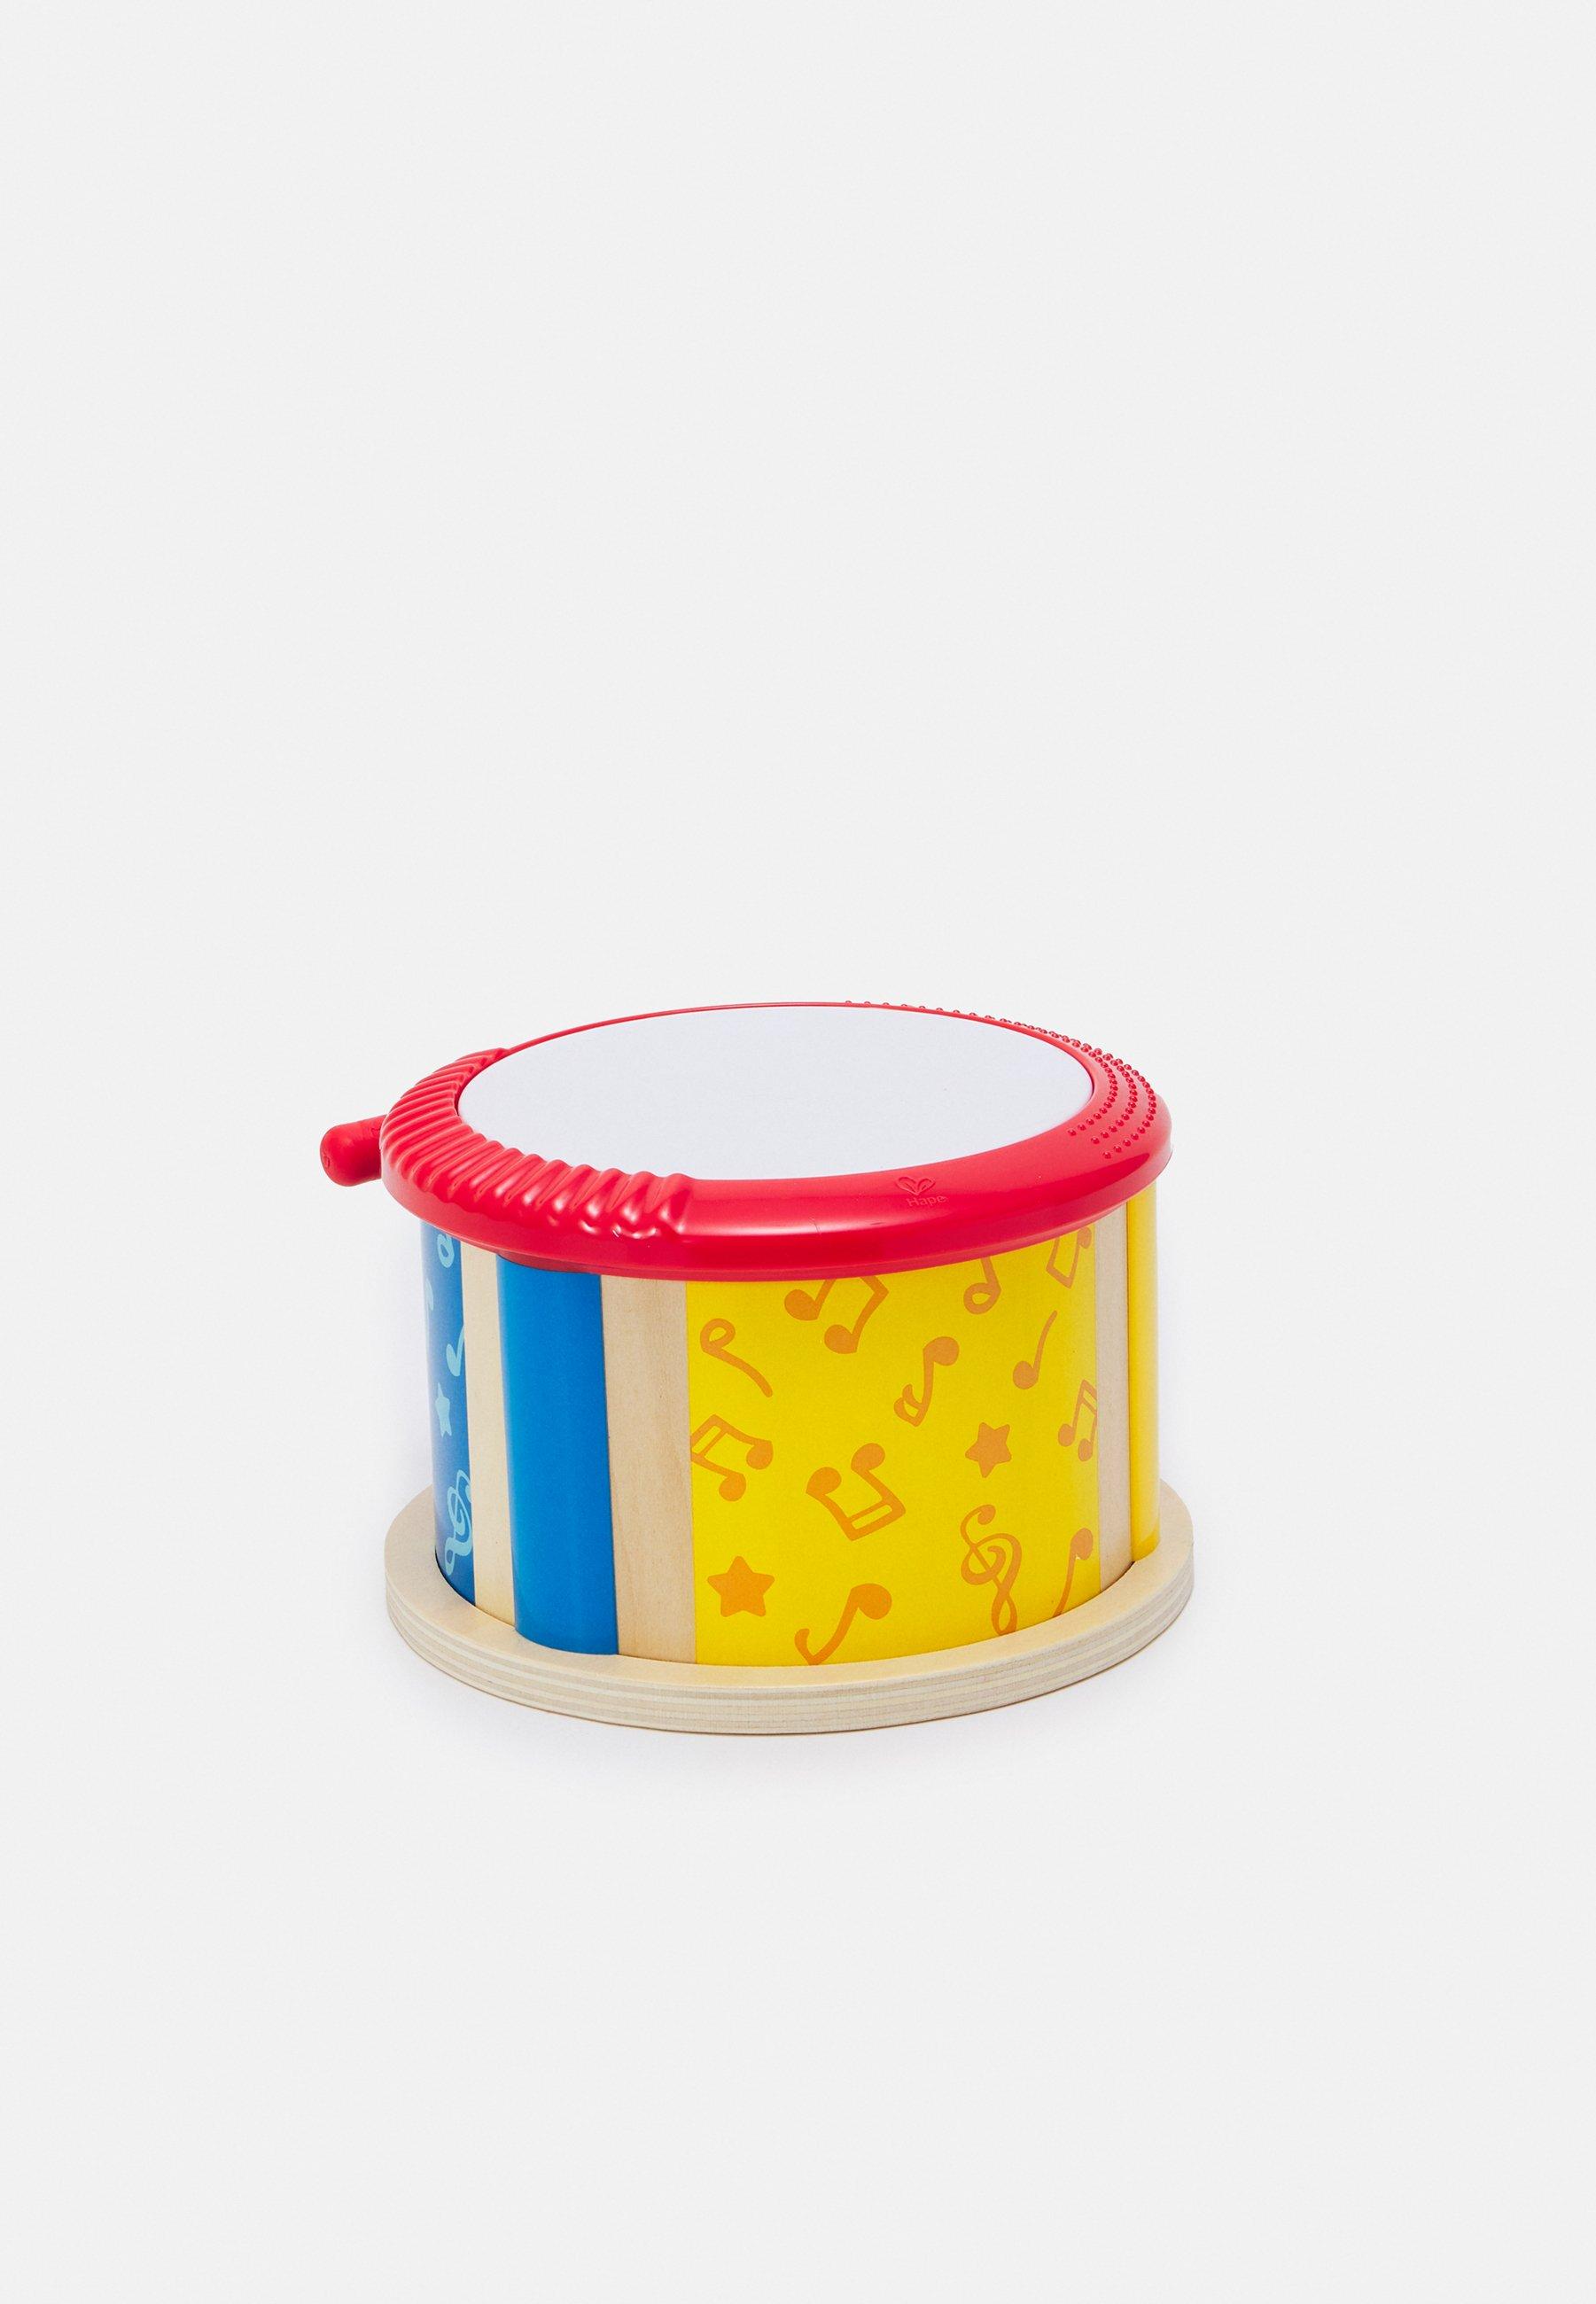 Kinder DOPPELSEITIGE TROMMEL UNISEX - Spielzeug